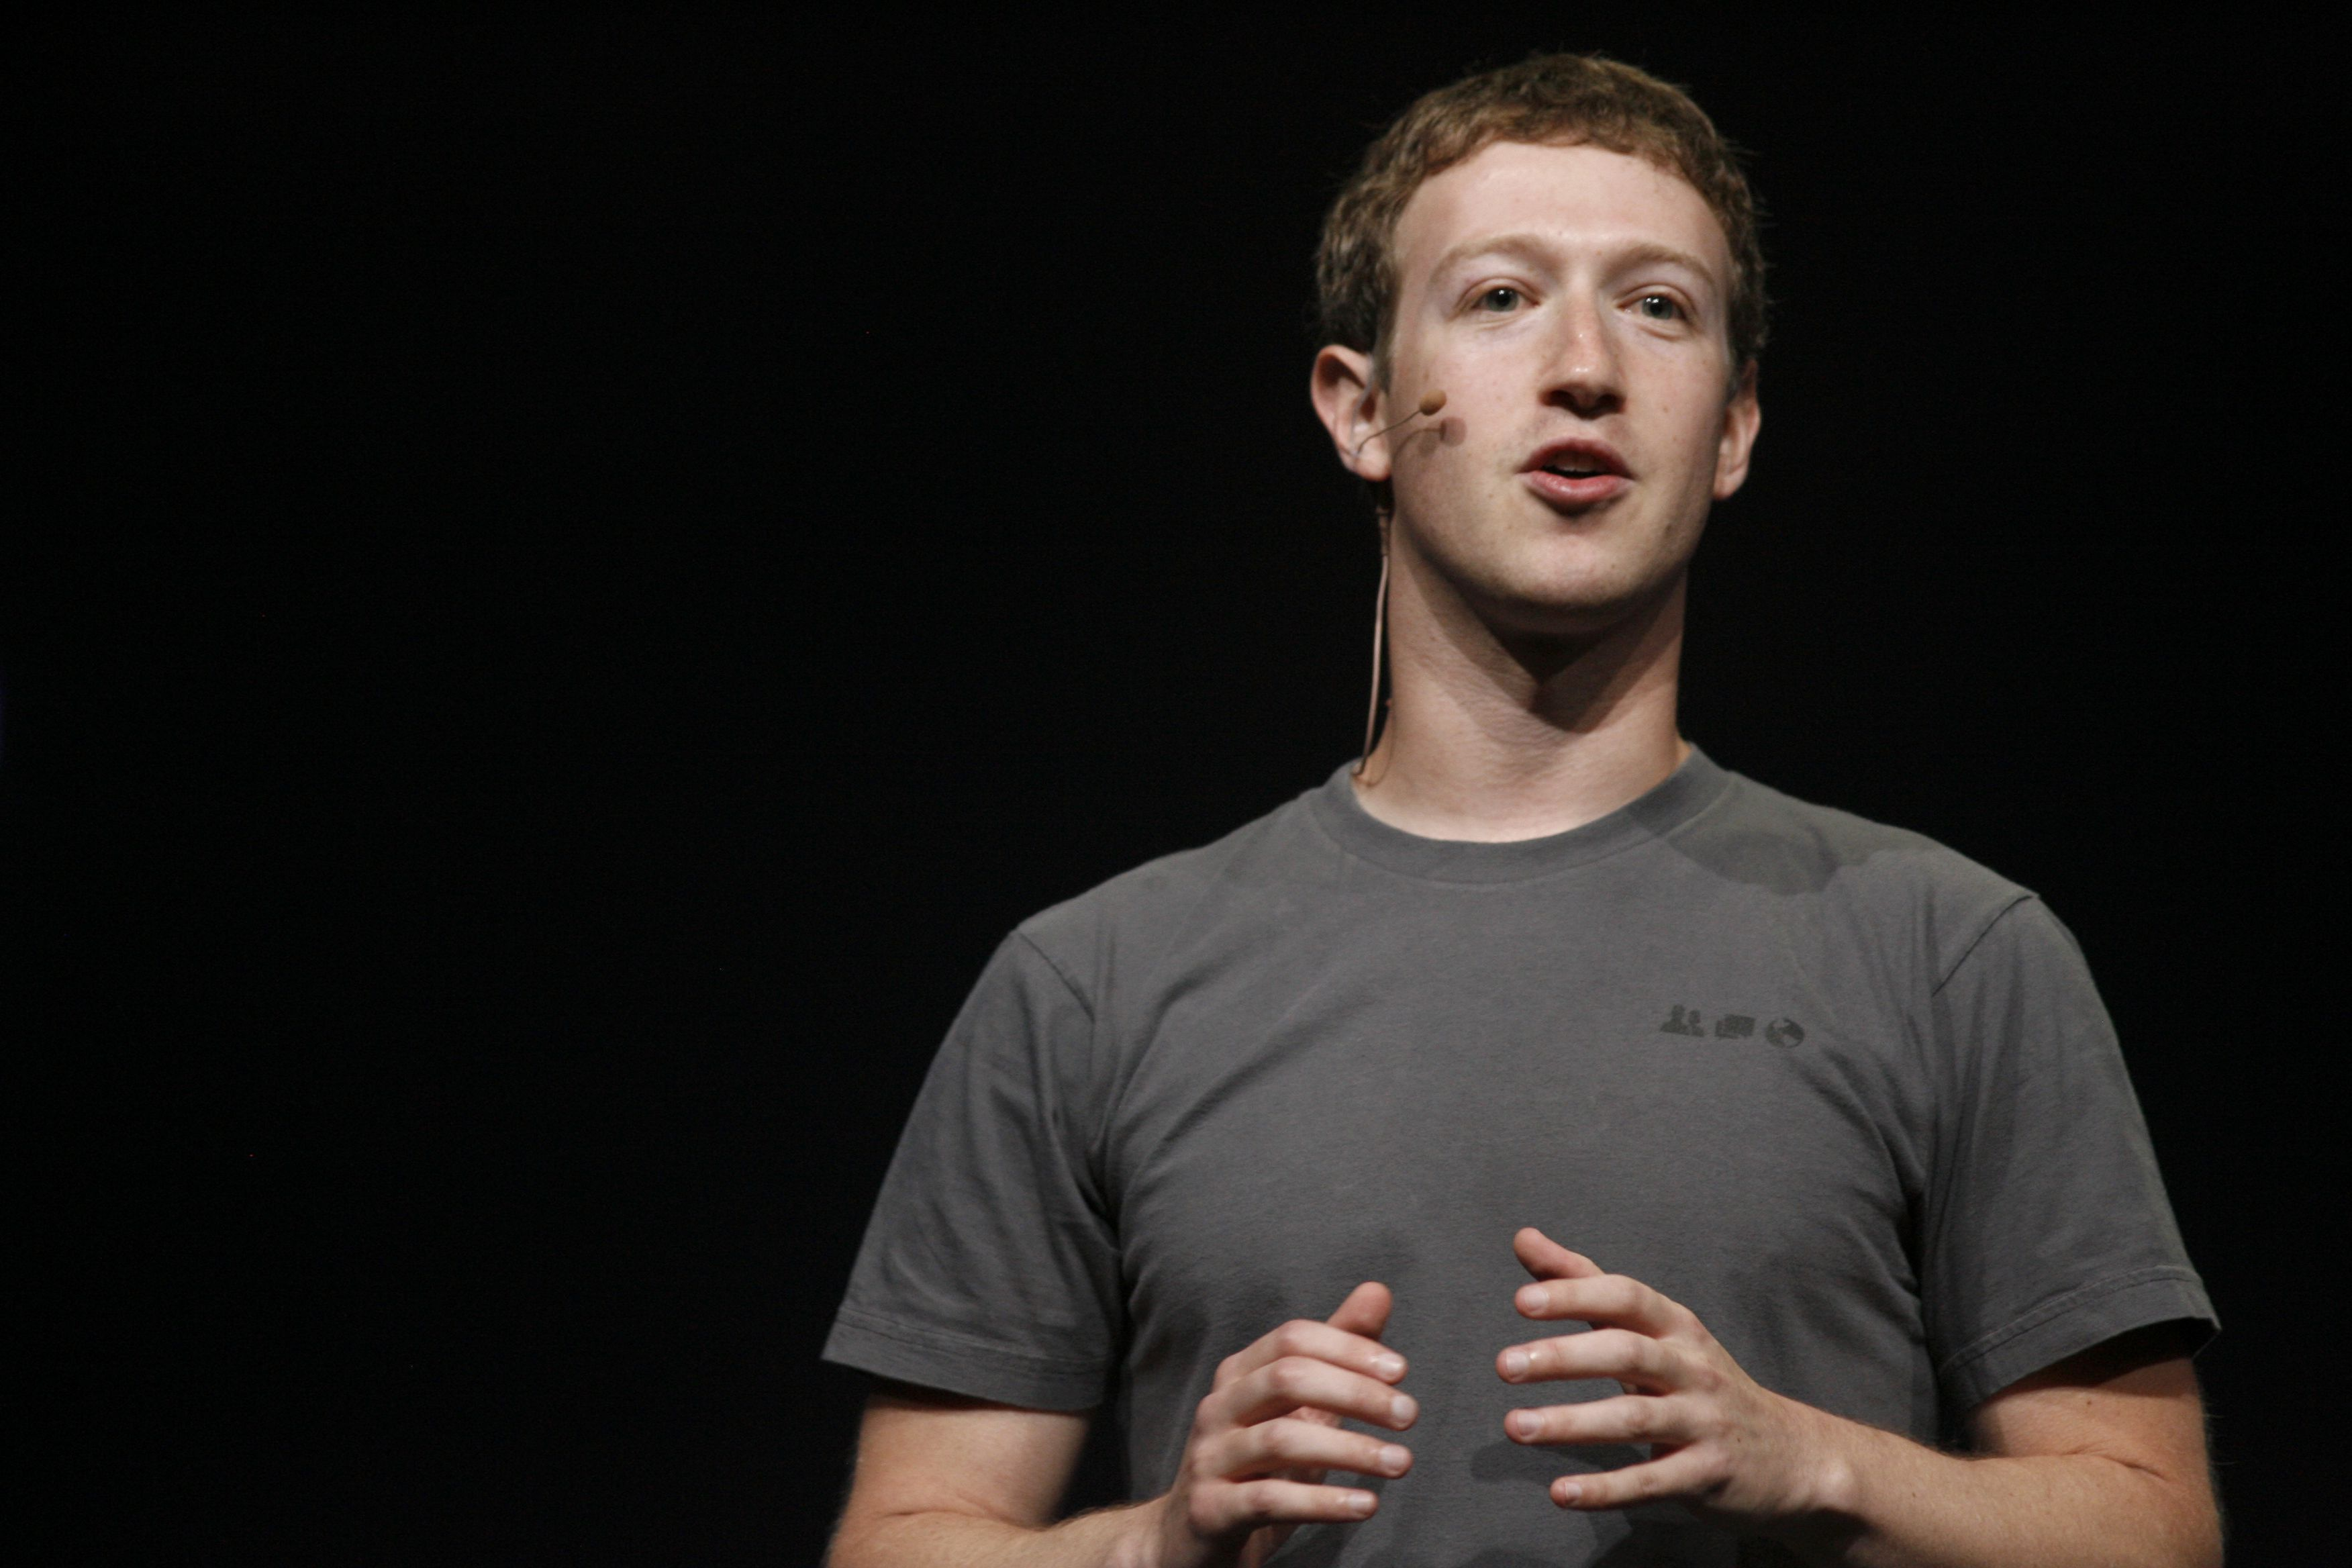 Mark Zuckerberg Pictures